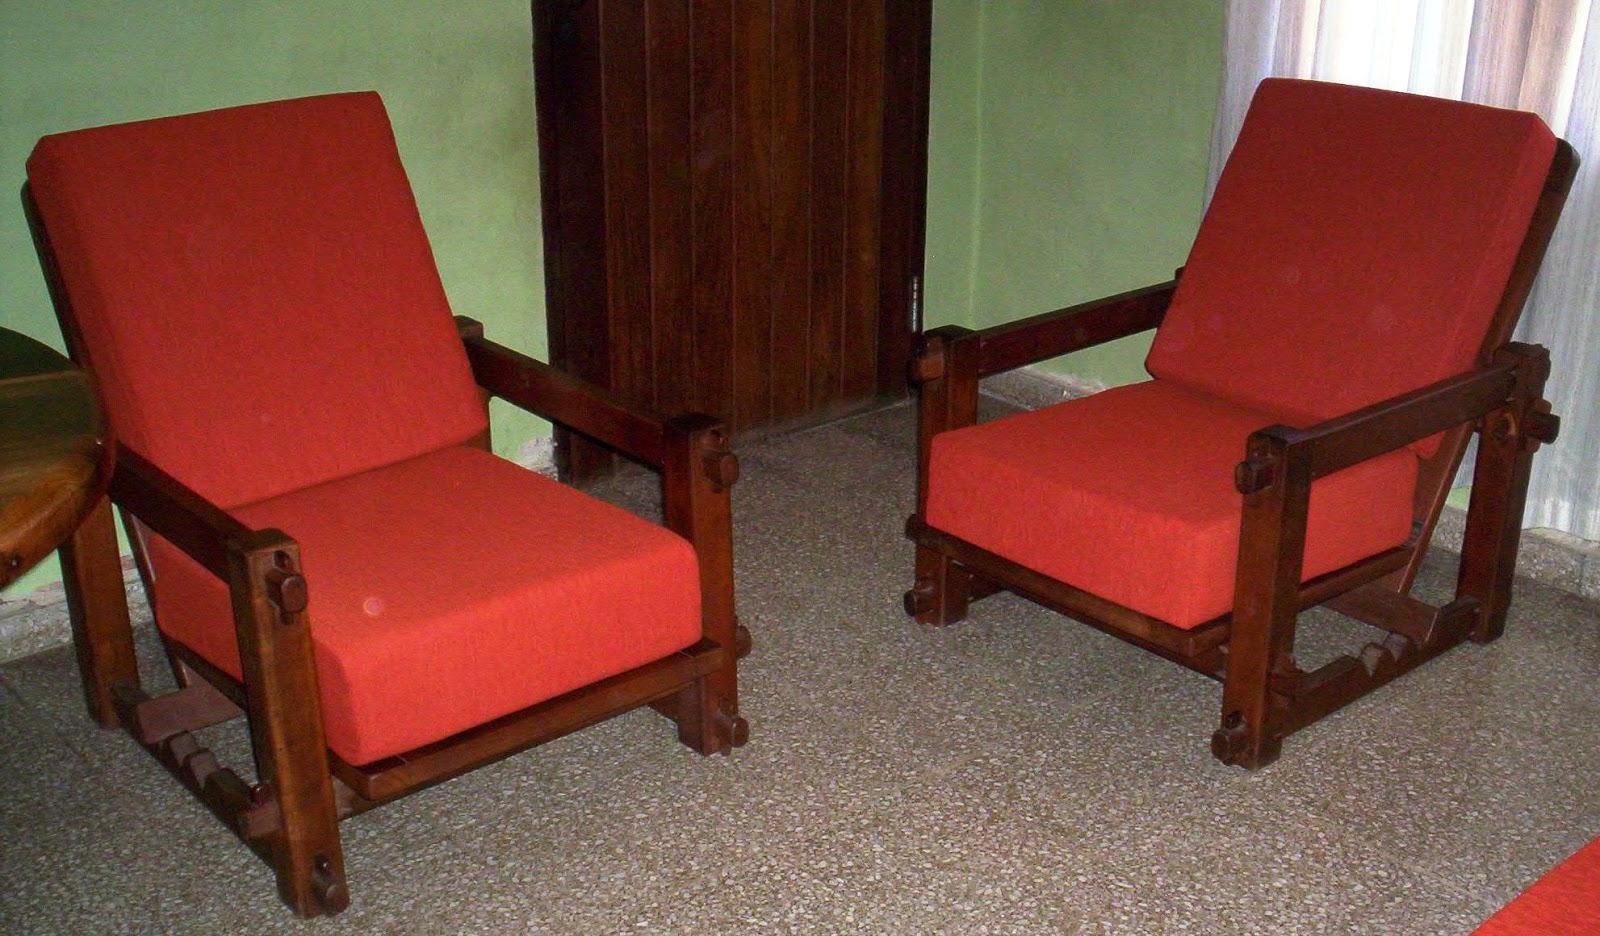 Reciclado de sillas y sillones diez almohadones for Sillas y sillones